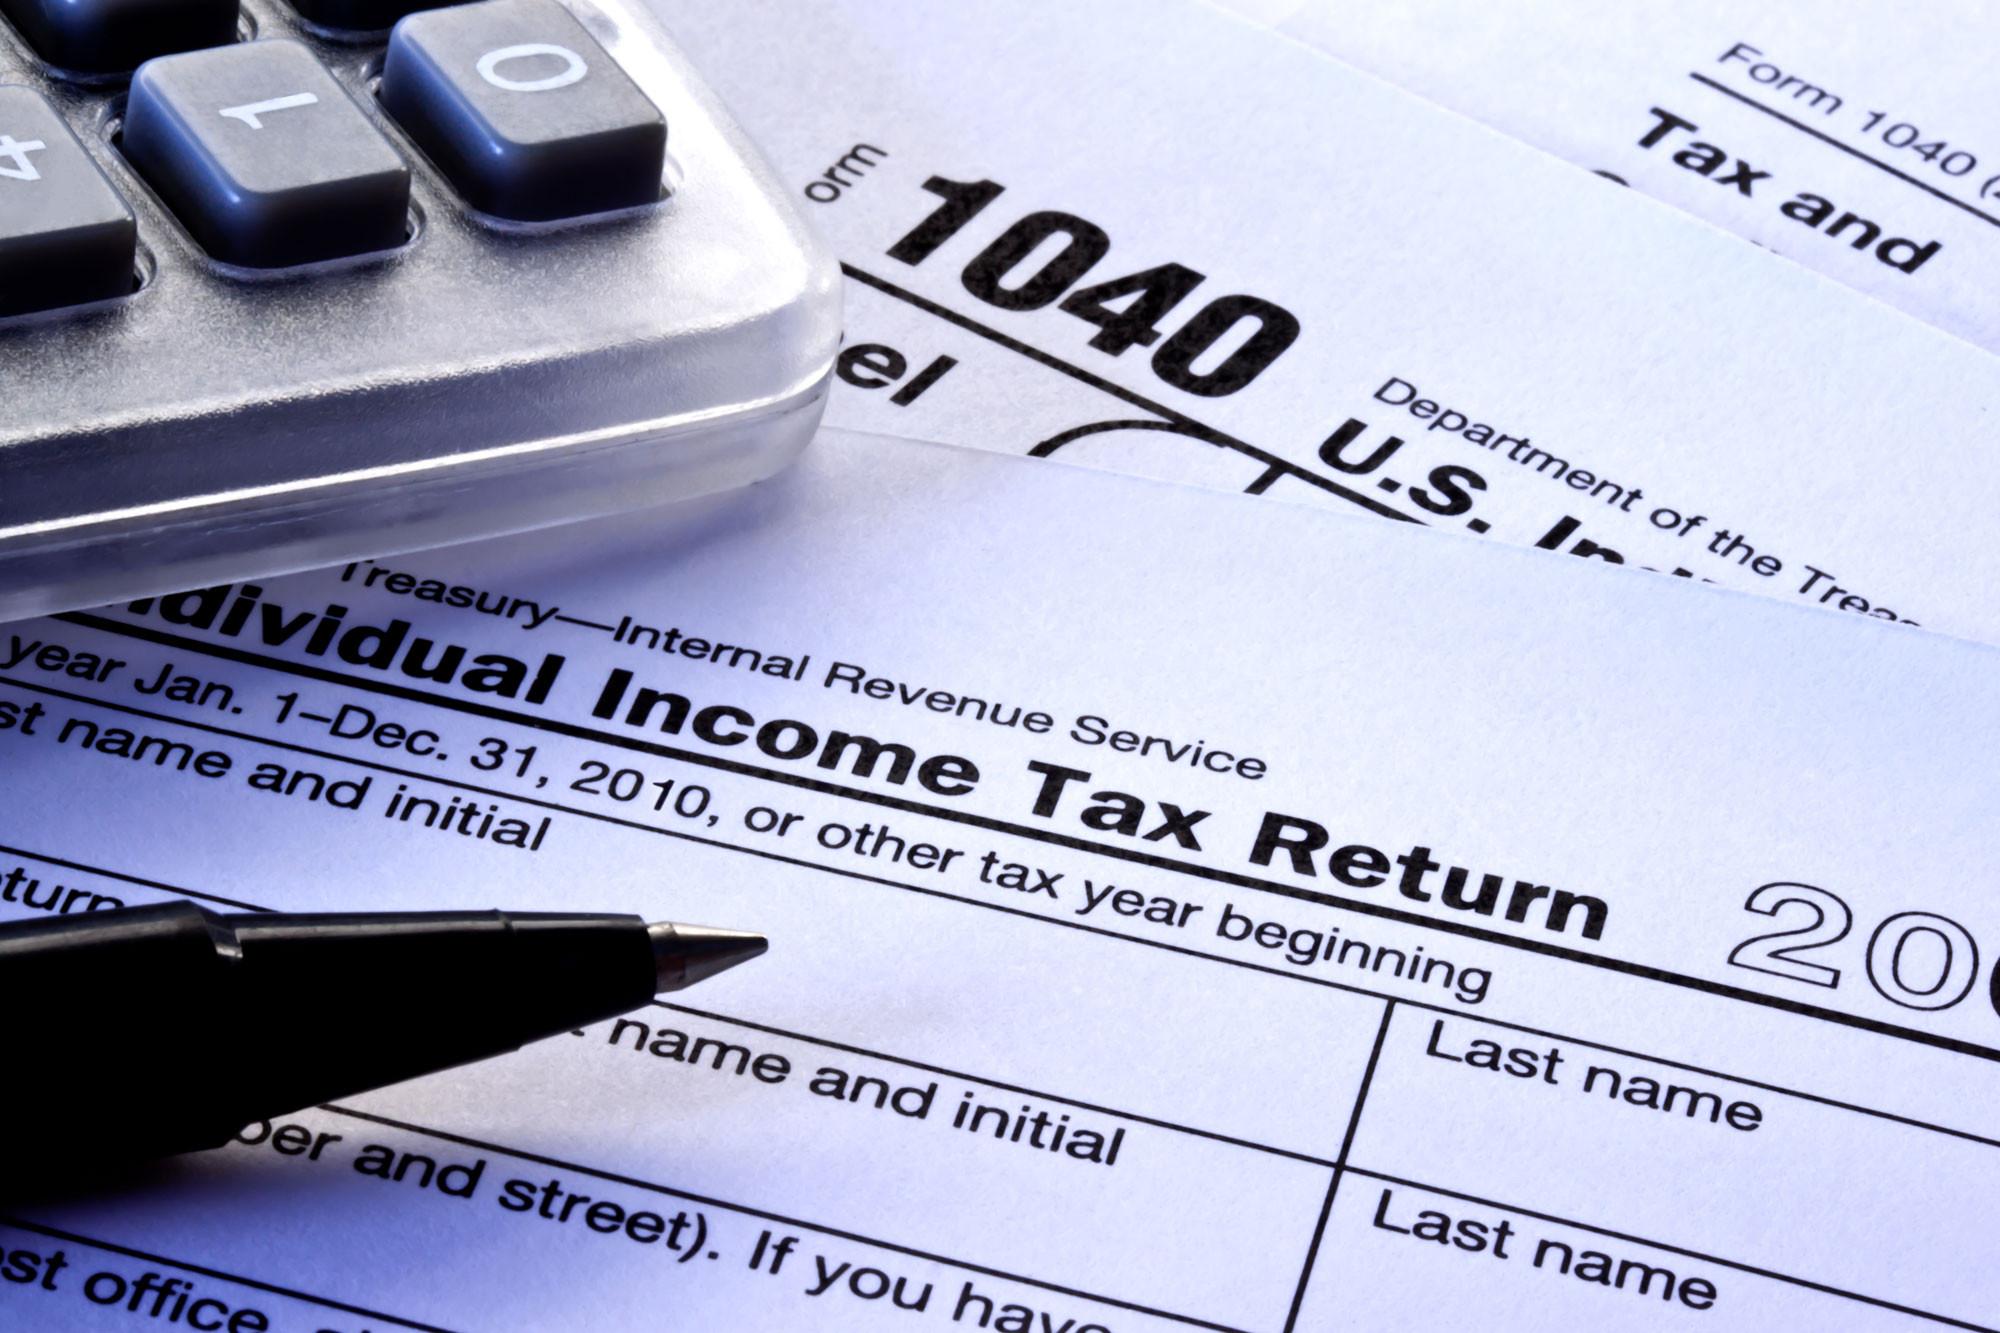 Business Tax Return Amendment